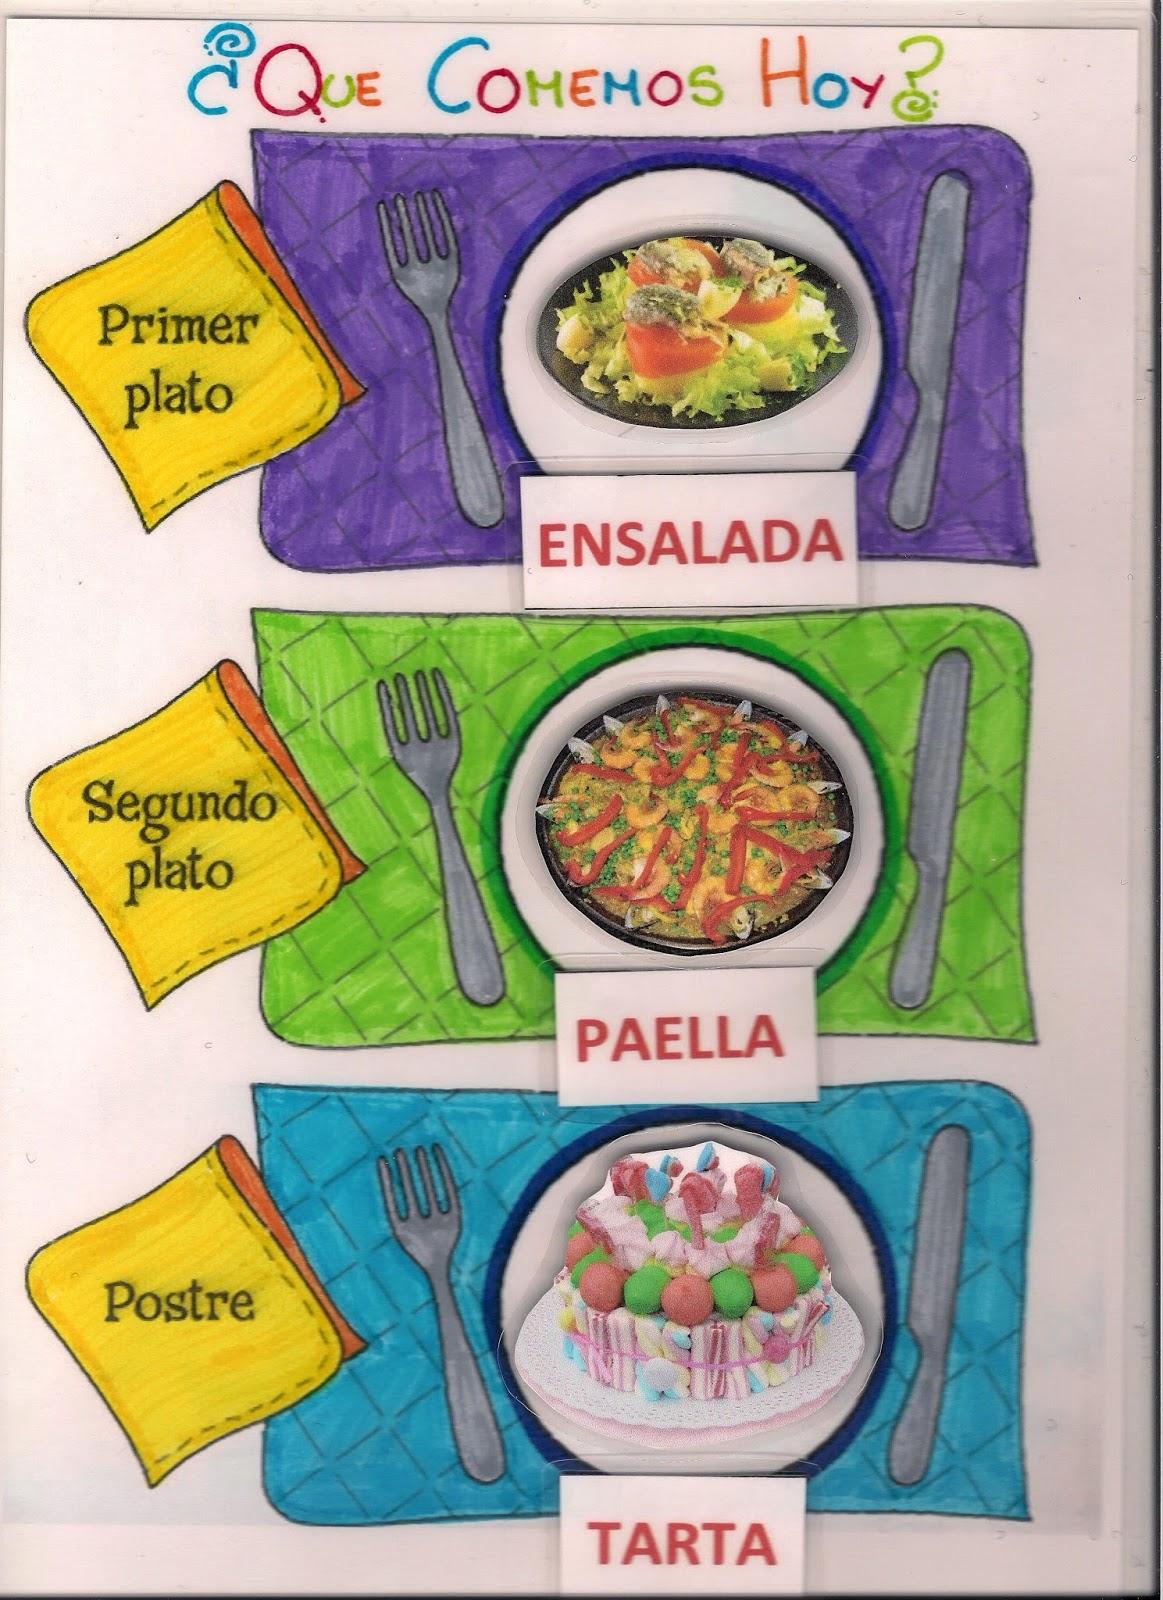 Menta m s chocolate recursos y actividades para educaci n infantil actividad para trabajar - Titulo manipulador alimentos ...